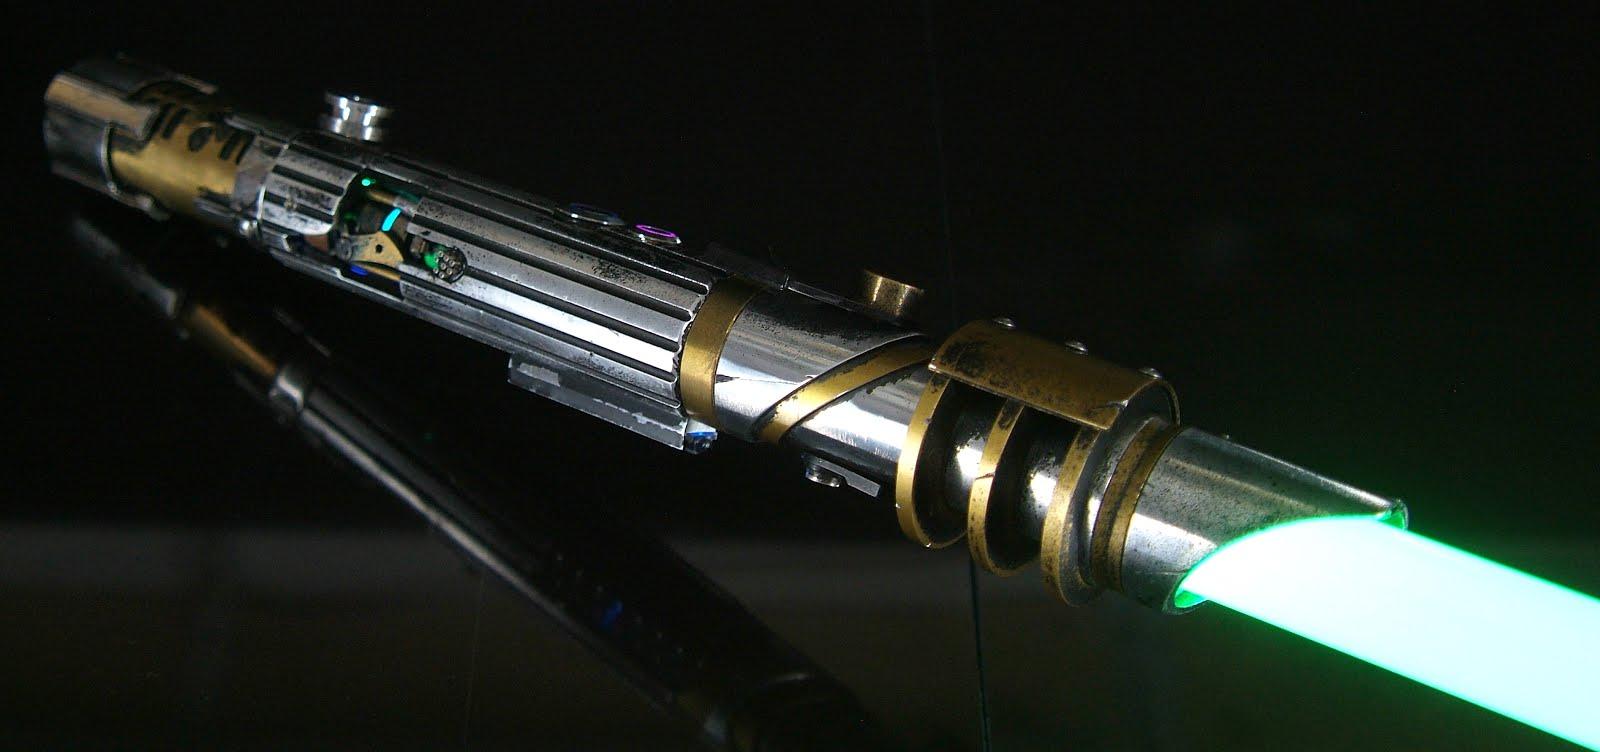 MJV2RO